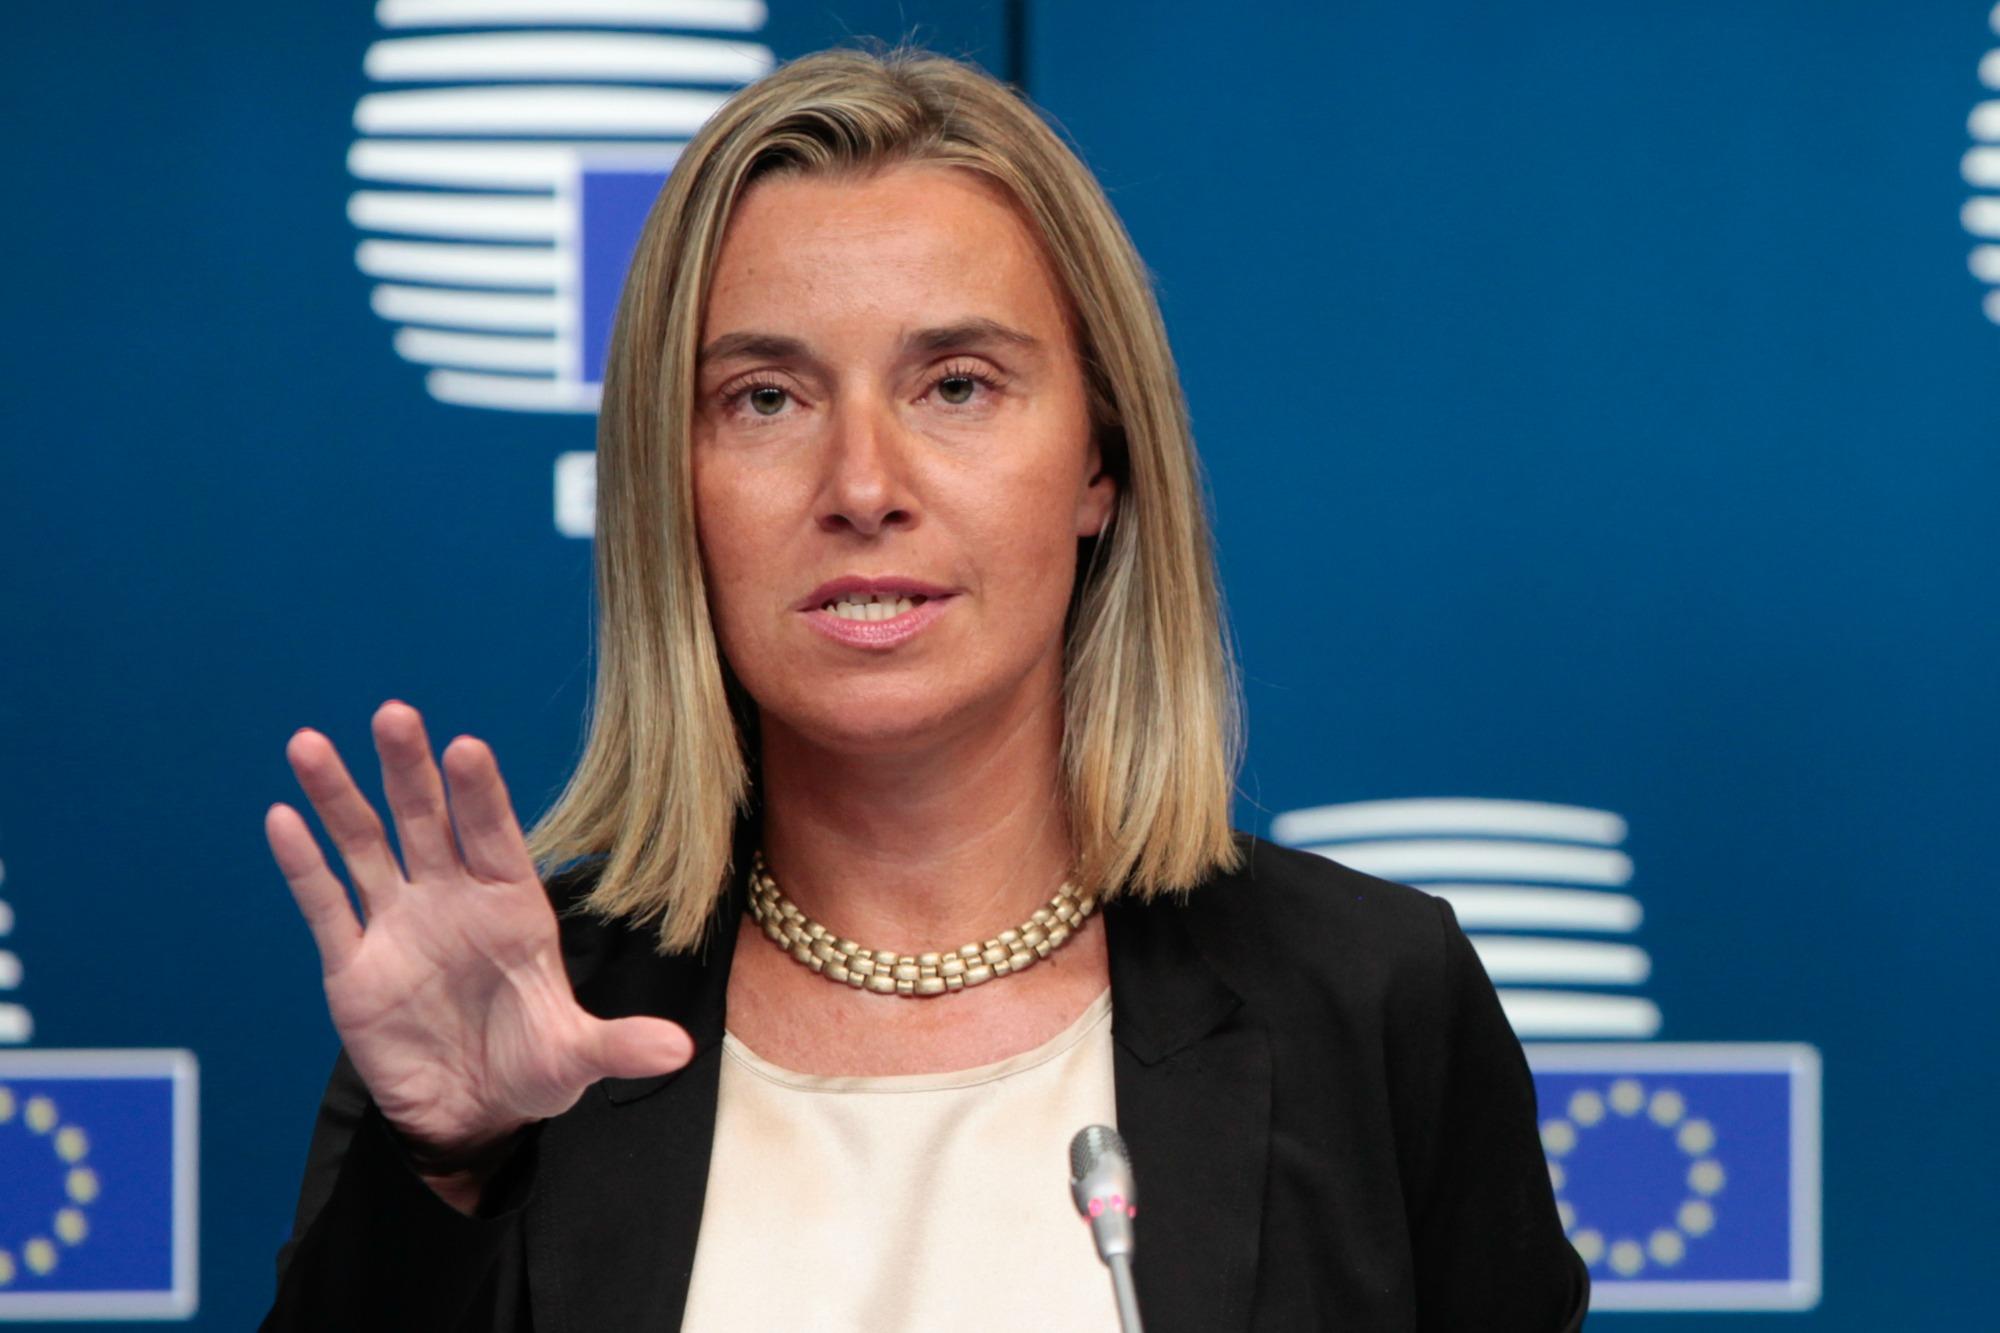 Δεν θα υπάρξουν συνομιλίες μέχρι να καταργηθούν οι δασμοί στις εισαγωγές από τη Σερβία, λέει η αρχηγός διπλωματίας της ΕΕ